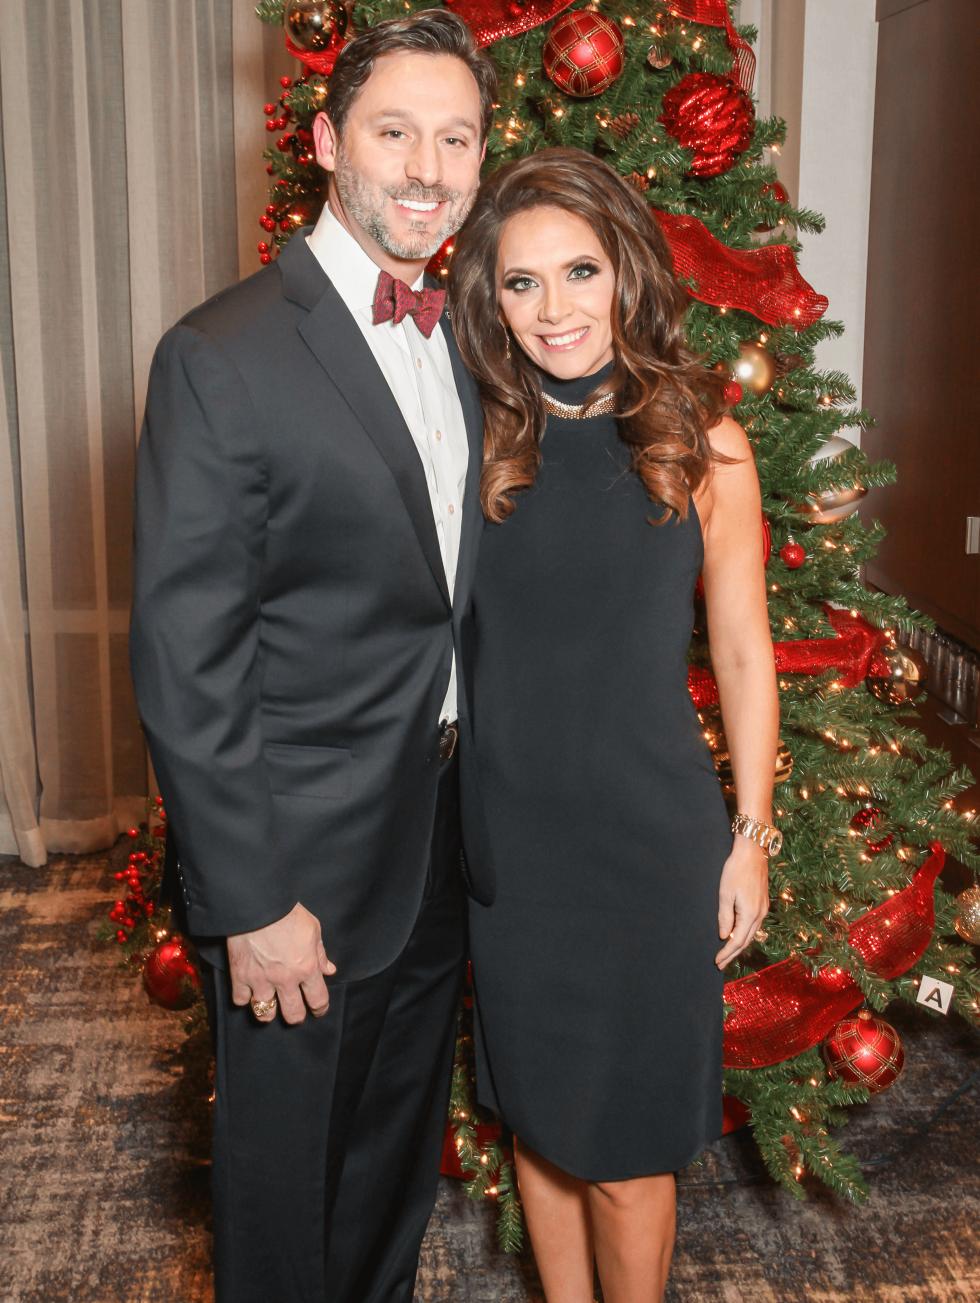 Houston, Social Book Houston Treasures, Dec 2016,  Brad Marks, Joanna Marks